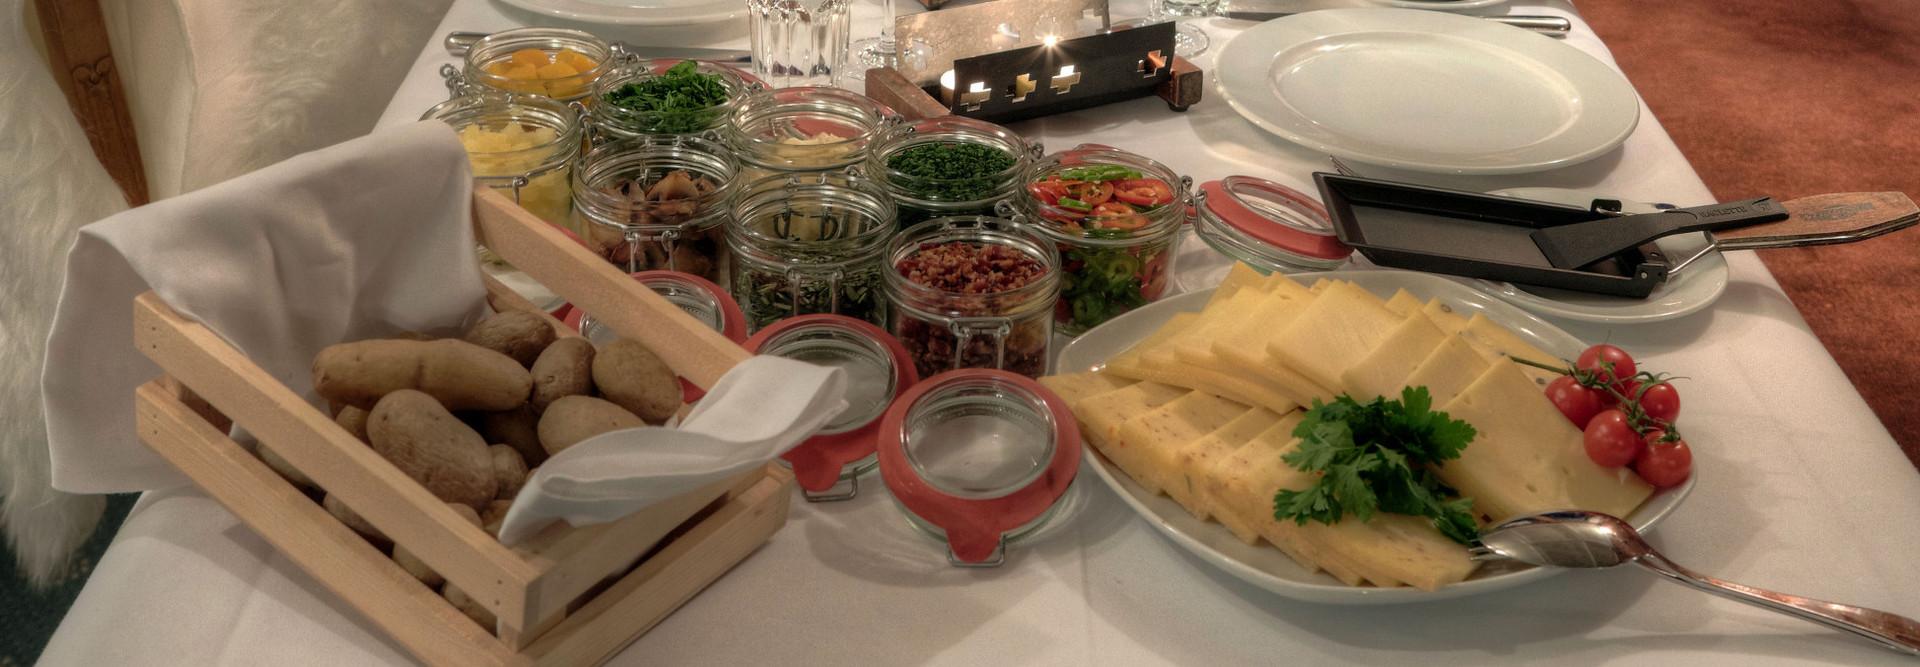 La table est dressée avec de nombreux plats d'accompagnement délicieux